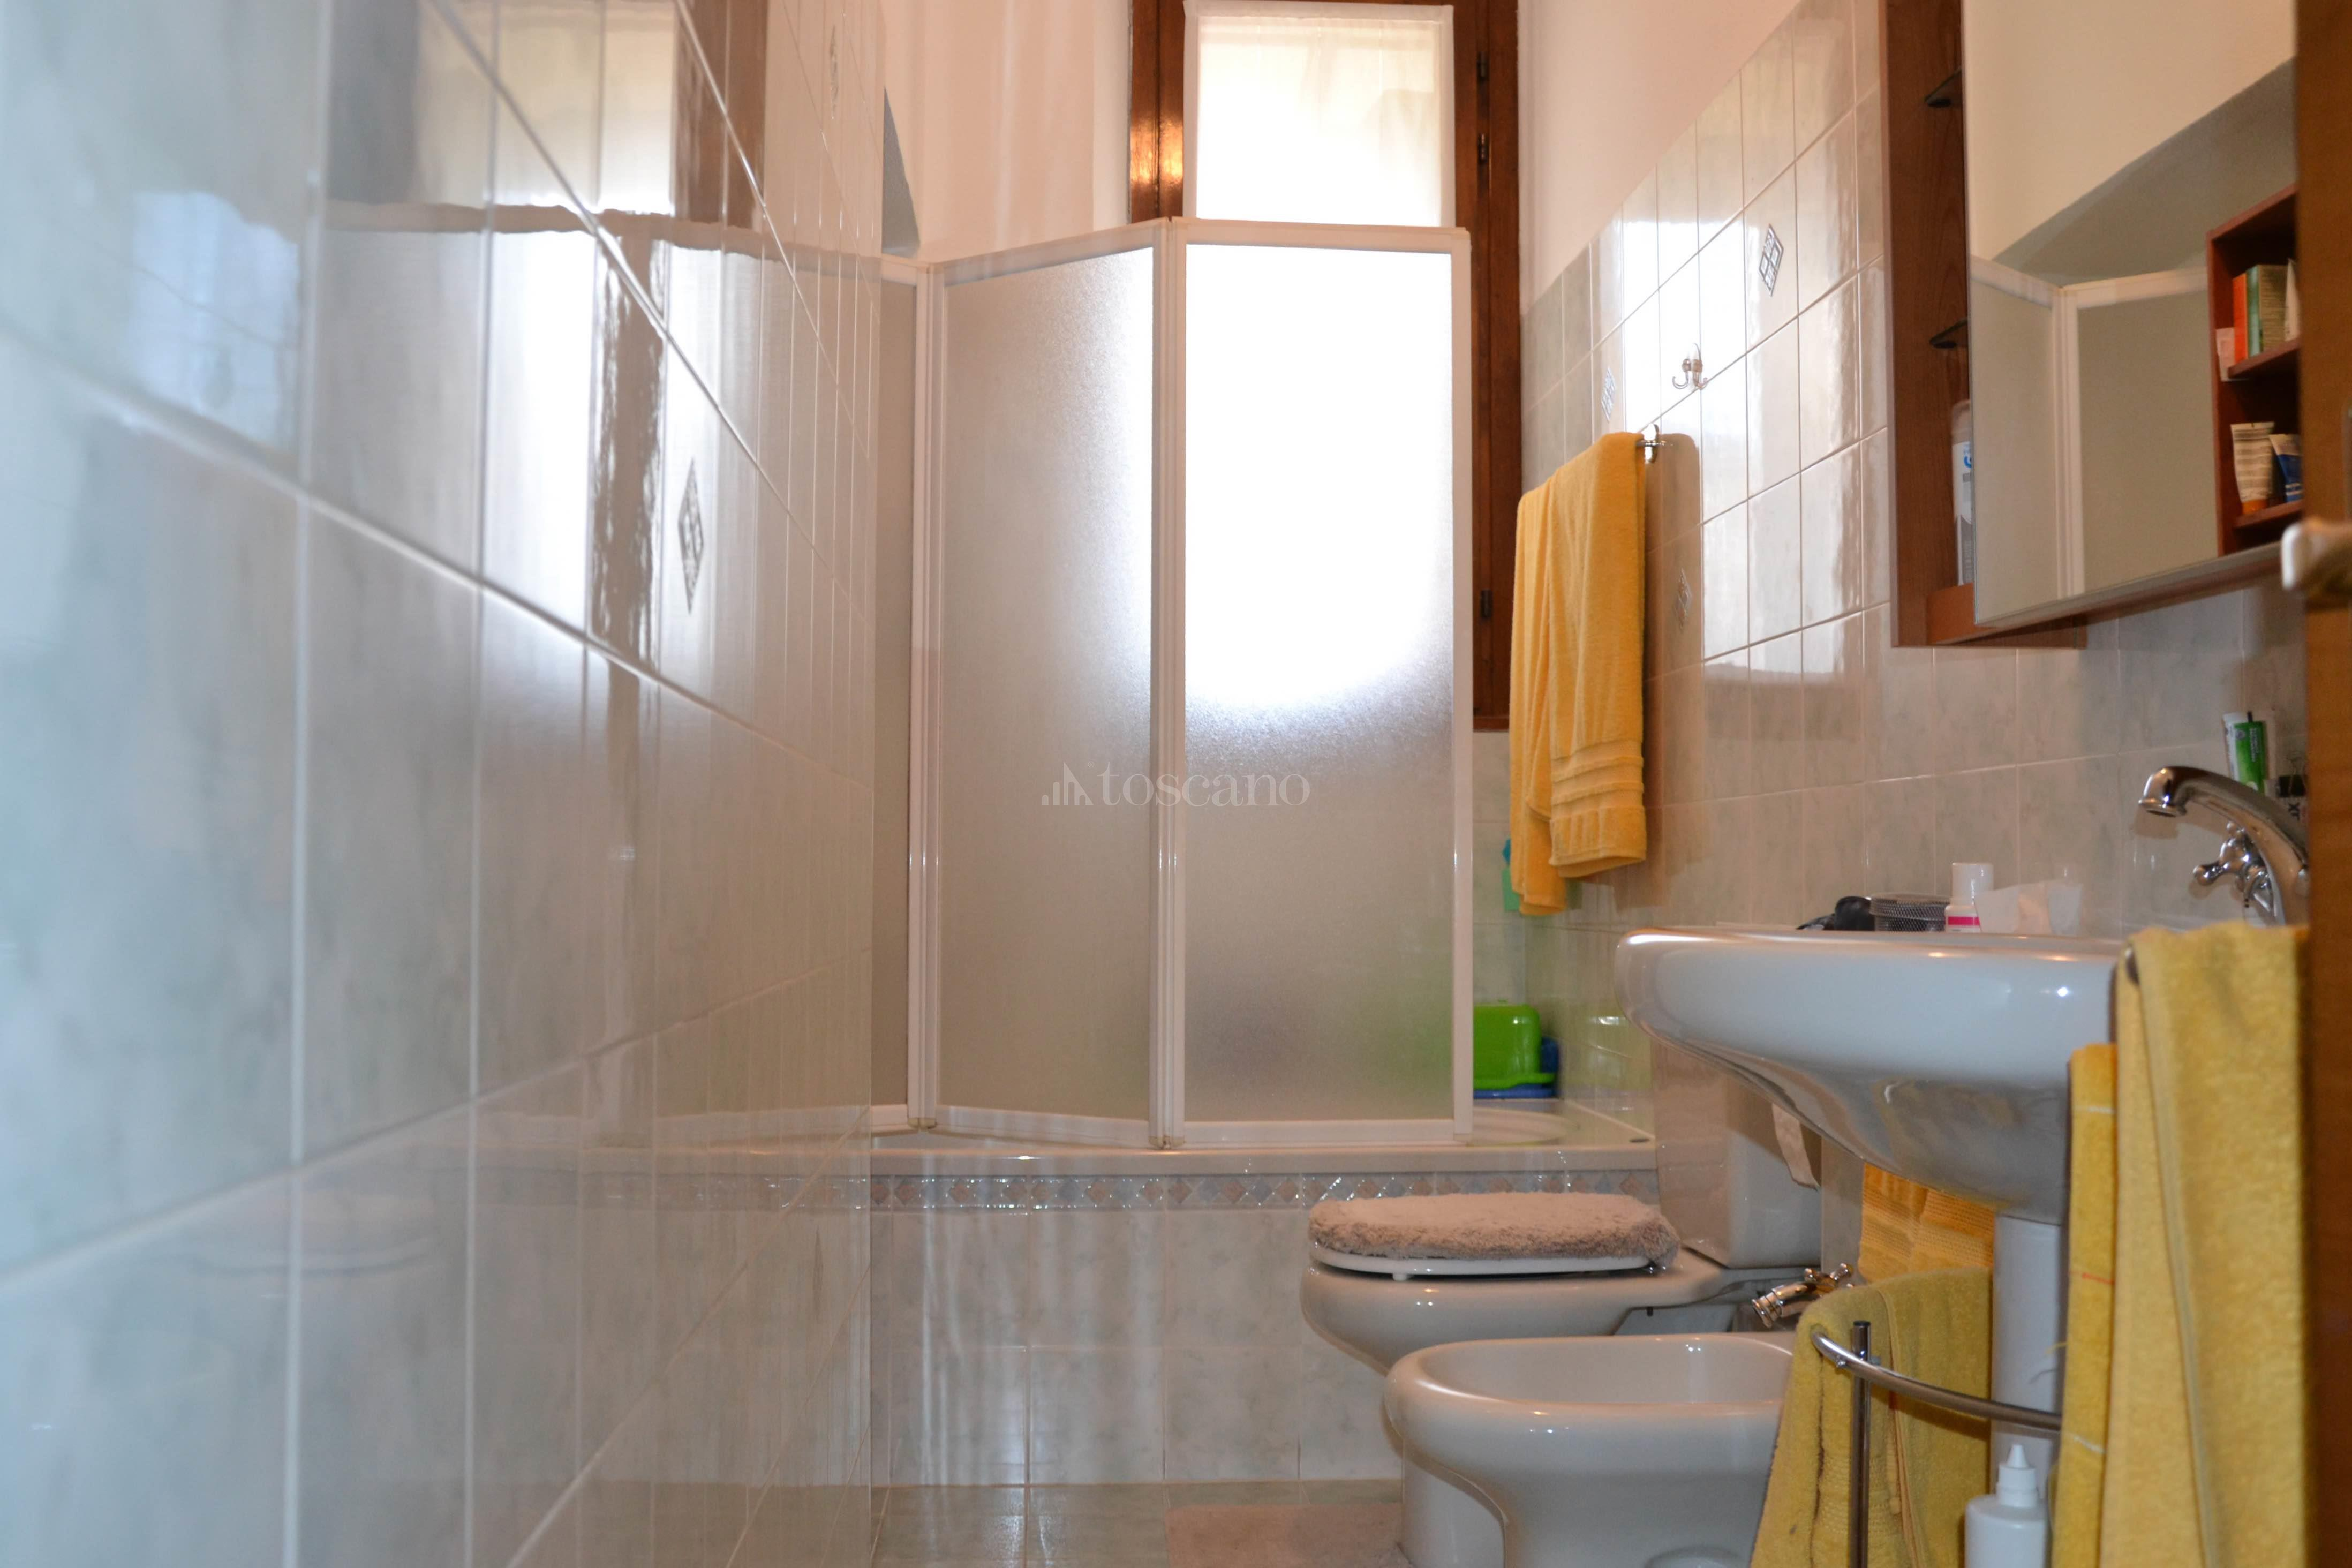 Vendita casa a como in via rusconi citt murata 133 2017 for Toscano immobiliare como